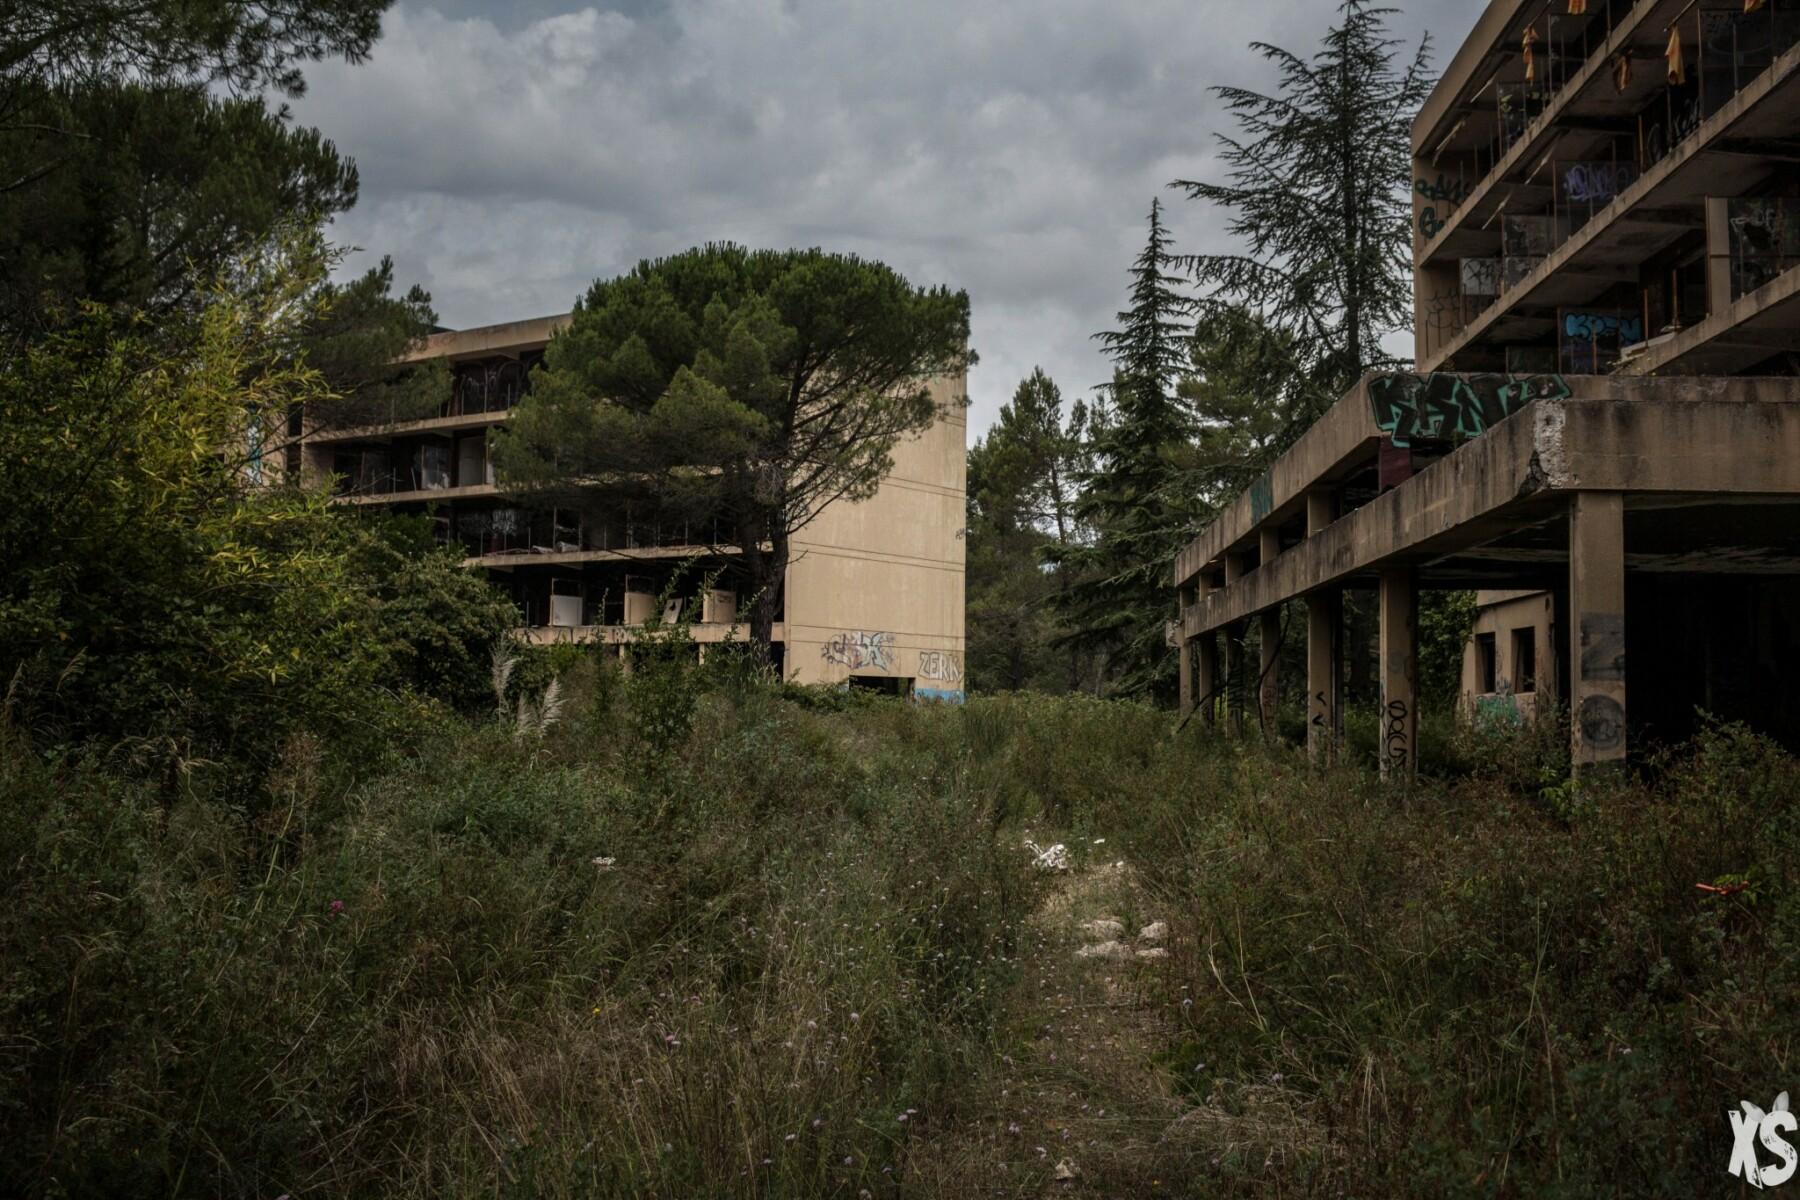 Unité Retraite Riviera 2 | urbexsession.com/unite-retraite-riviera-2 | Urbex France